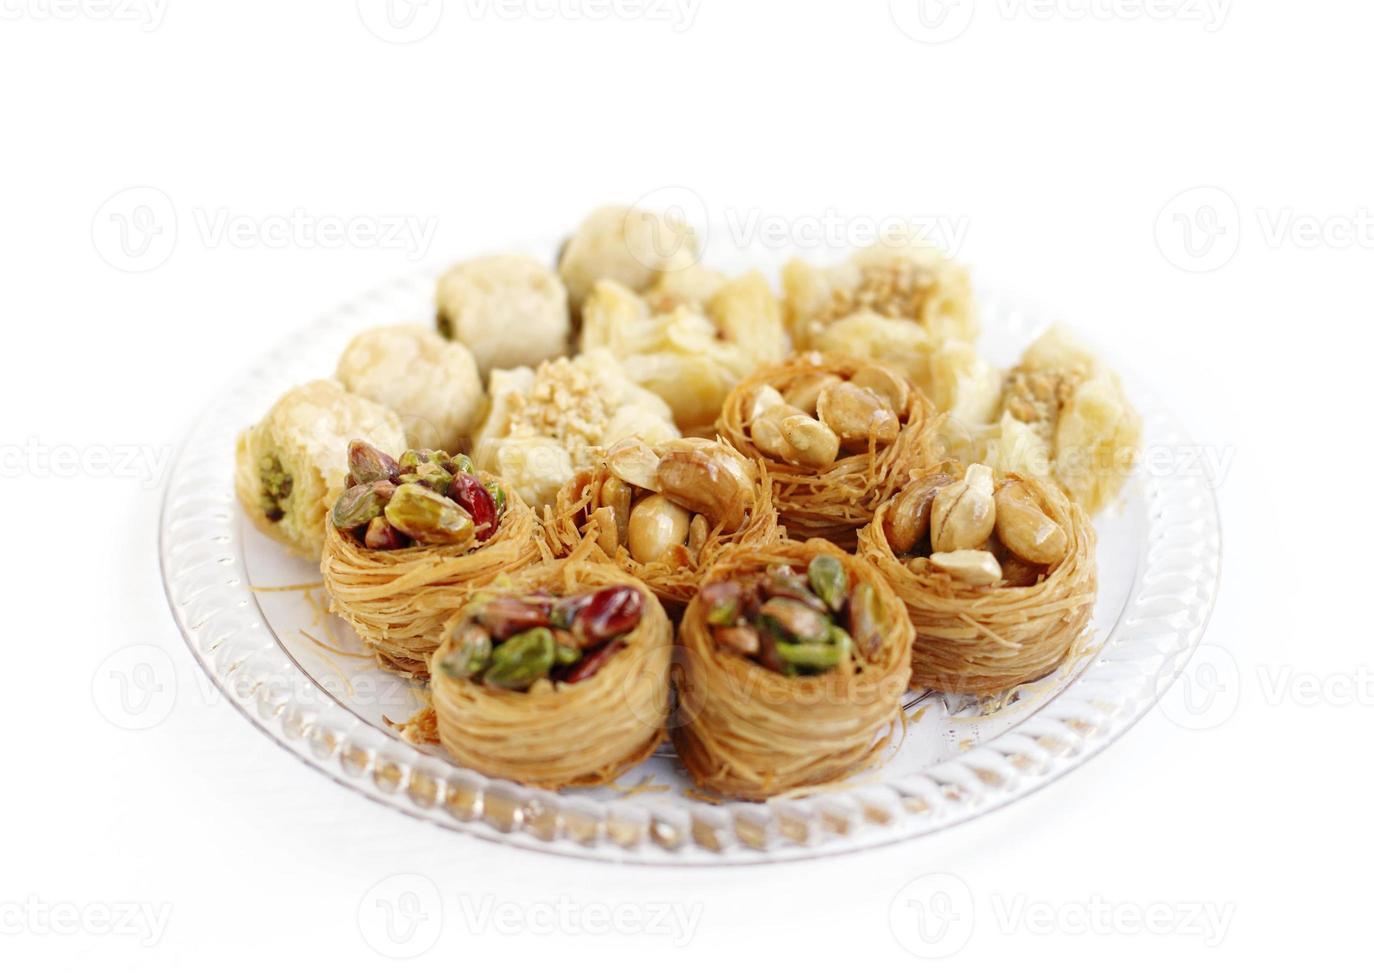 délicieux assortiment de bonbons arabes traditionnels baklava, l'accent sur le cajou baklava photo